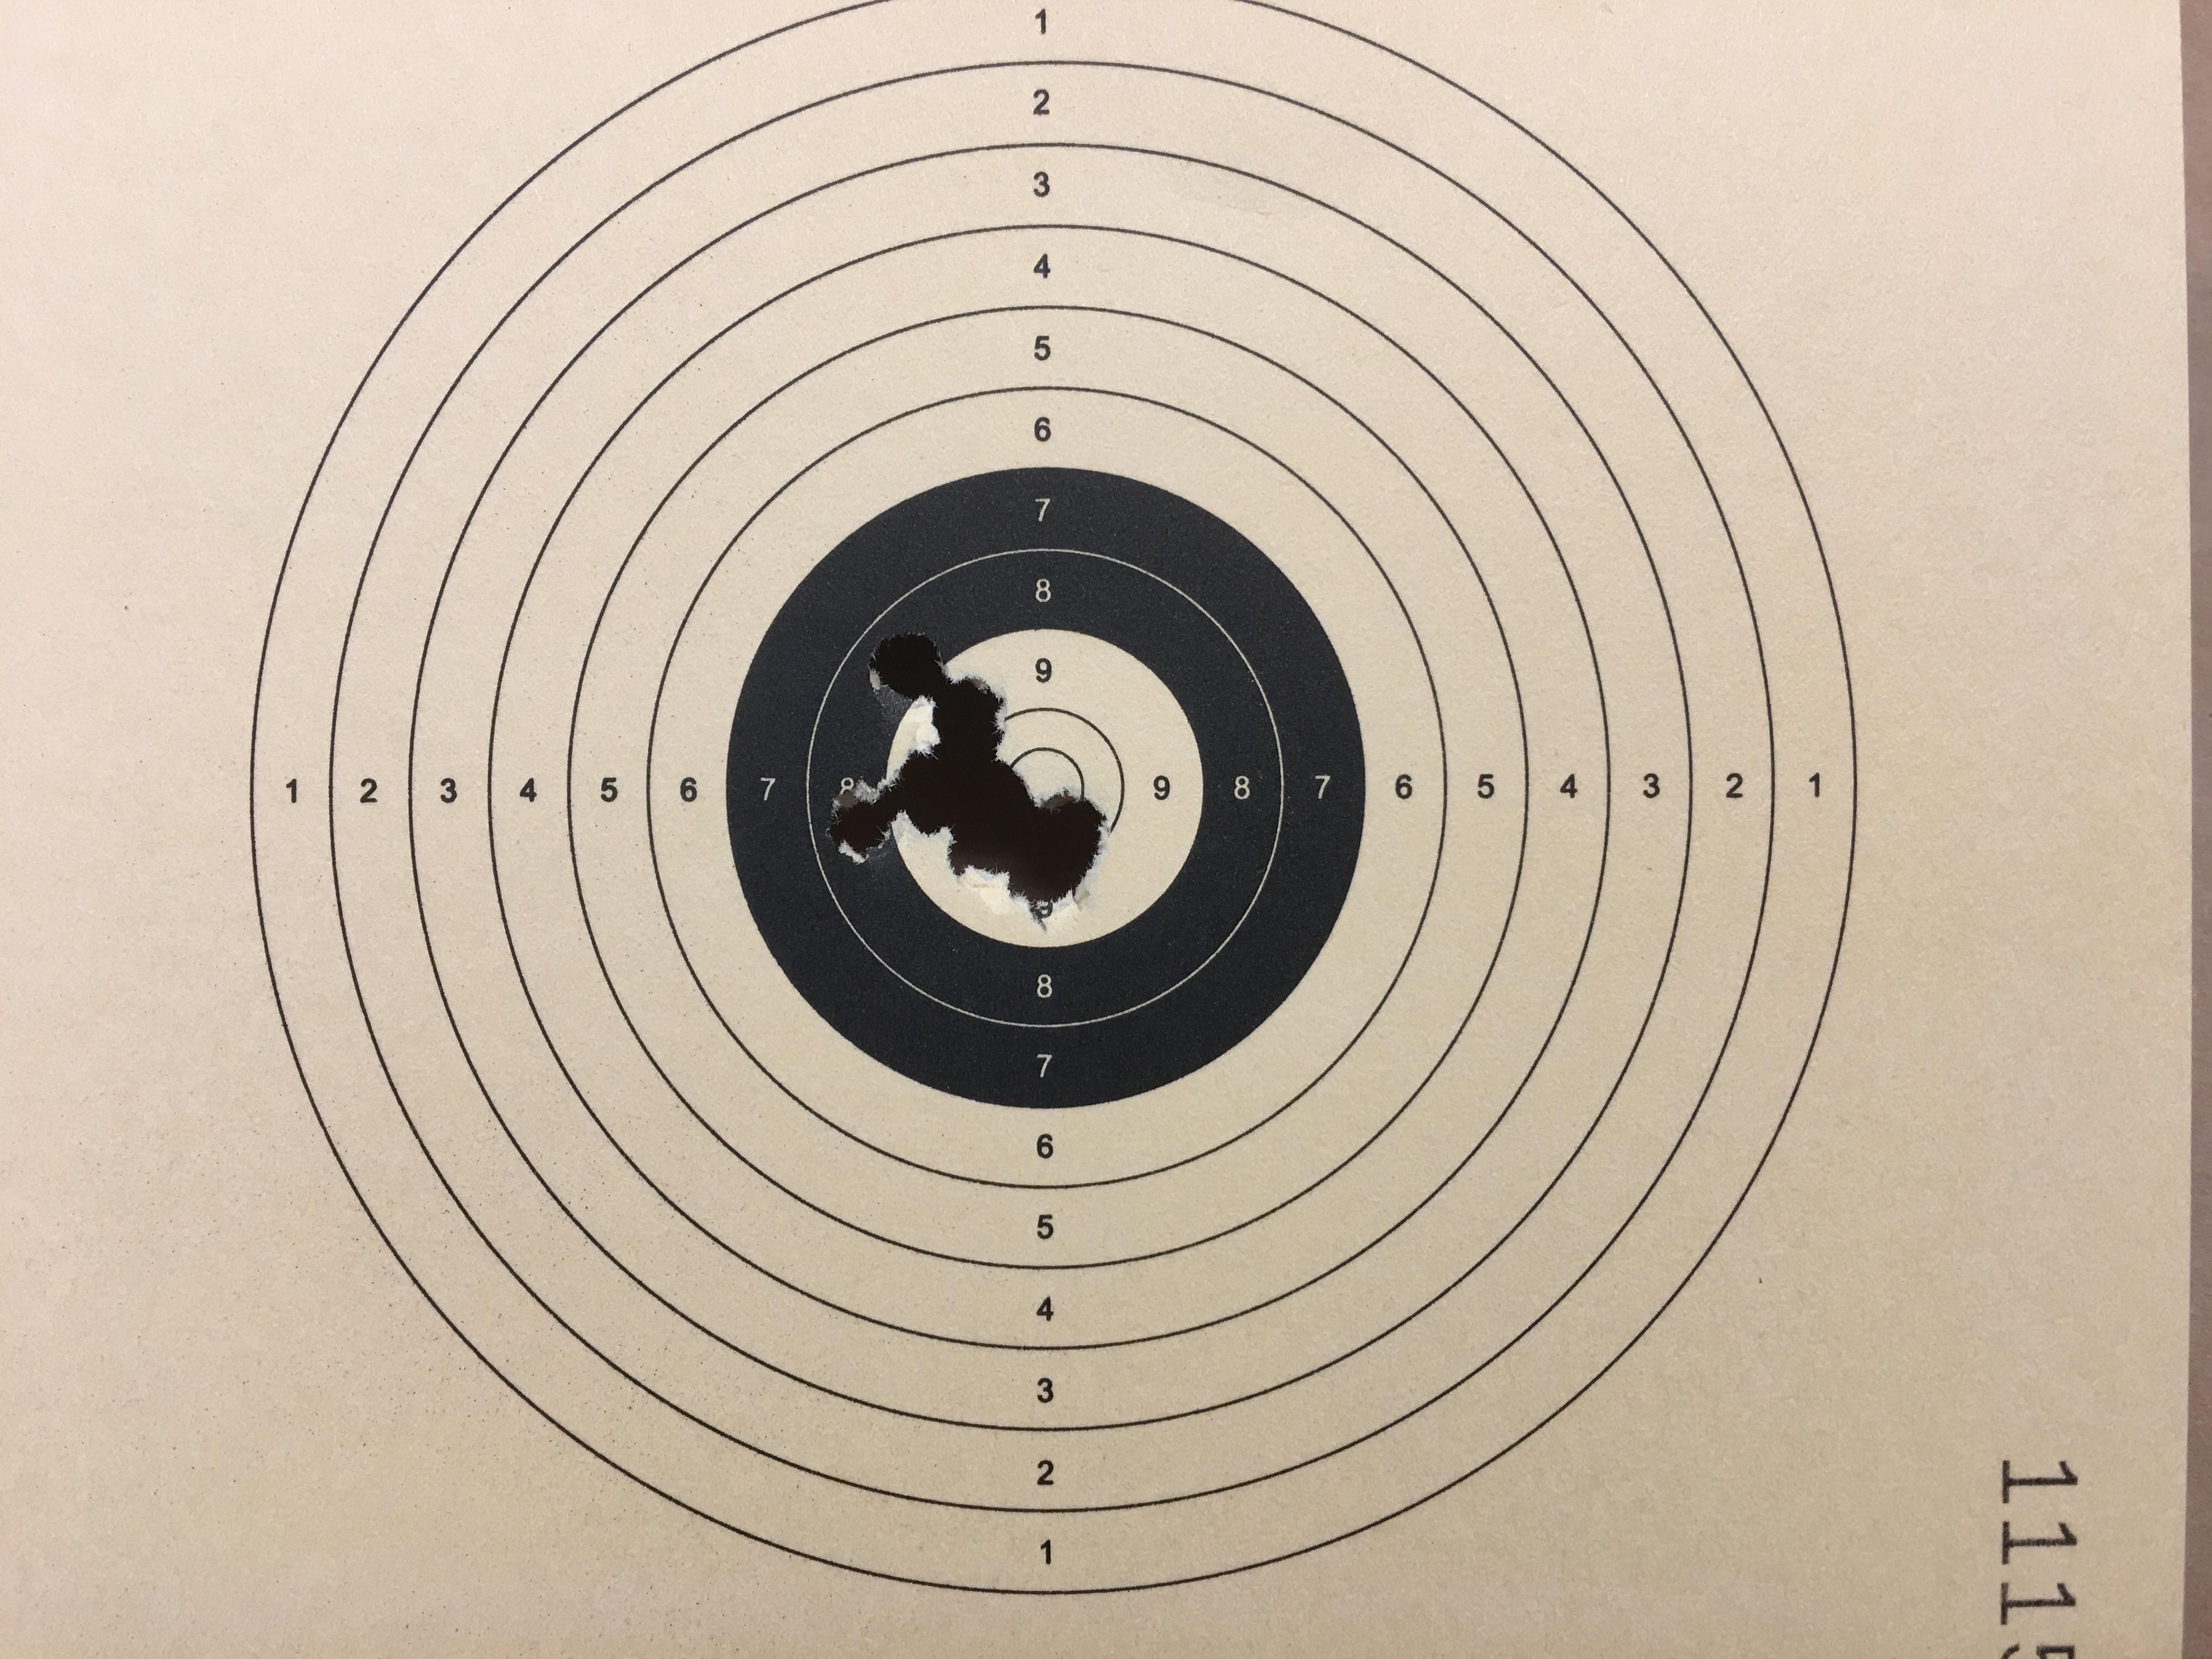 Mein freihändiges Trefferbild zeigt hier acht Schuss auf 11 m Distanz. Das geht sicherlich noch besser.